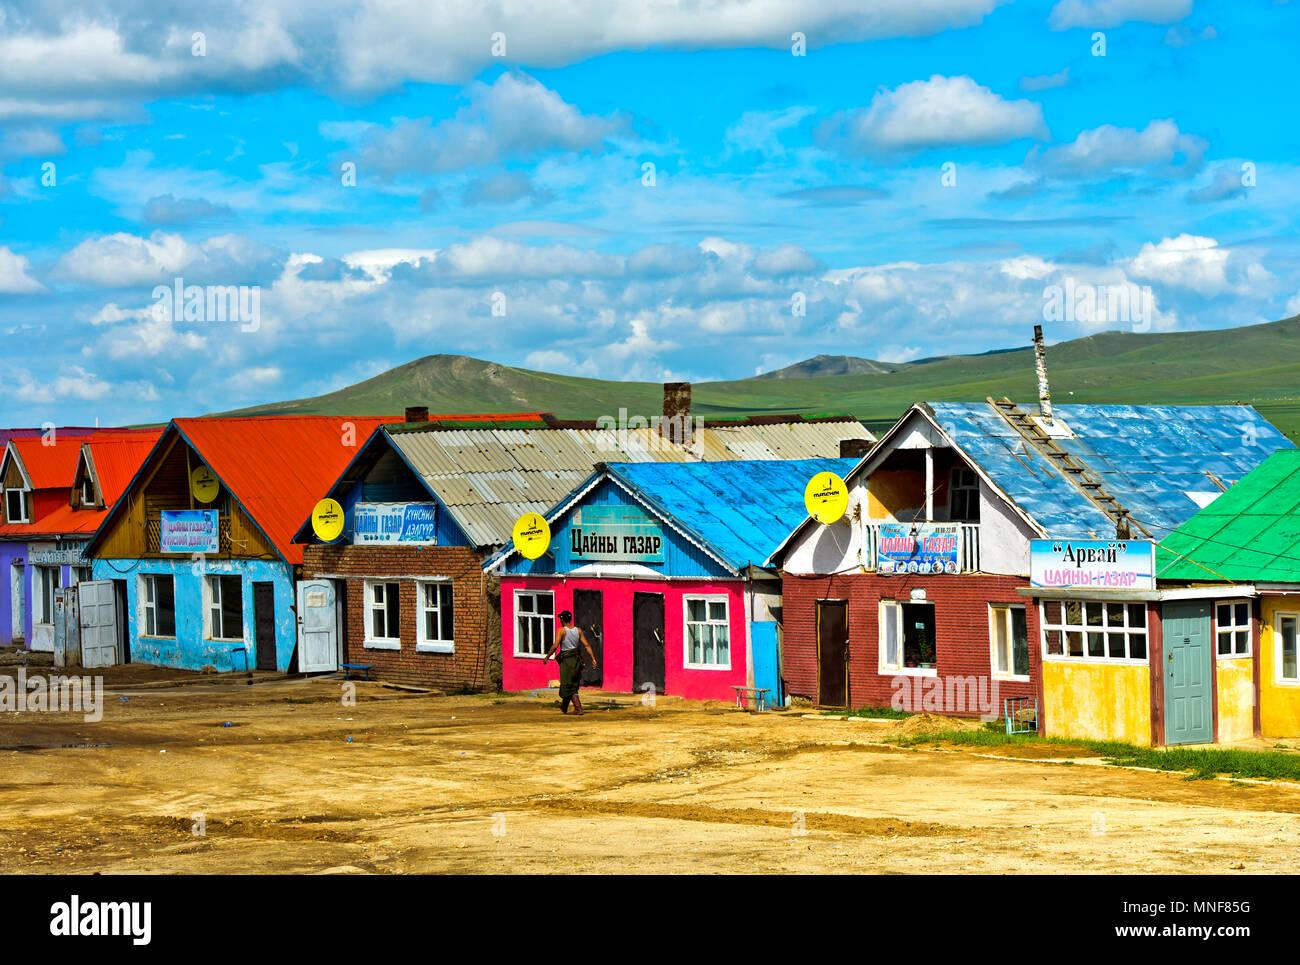 Maisons de thé et les restaurants à service rapide, zone de service sur la route UN0301 près de la Mongolie, Erdenesant Photo Stock